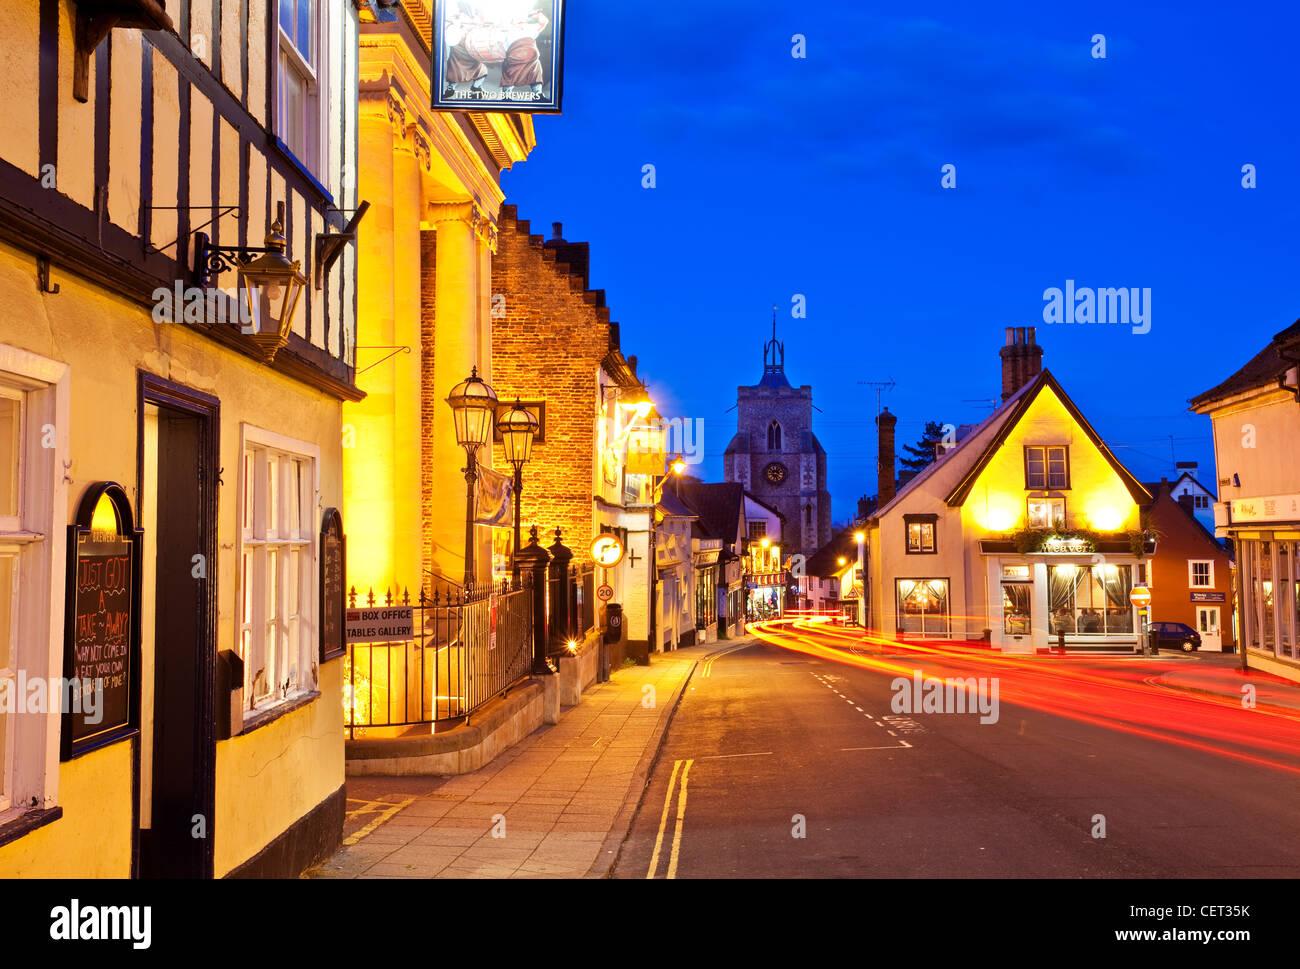 Lichtspuren von Autos in der Diss Stadt Zentrum in der Abenddämmerung. Stockbild